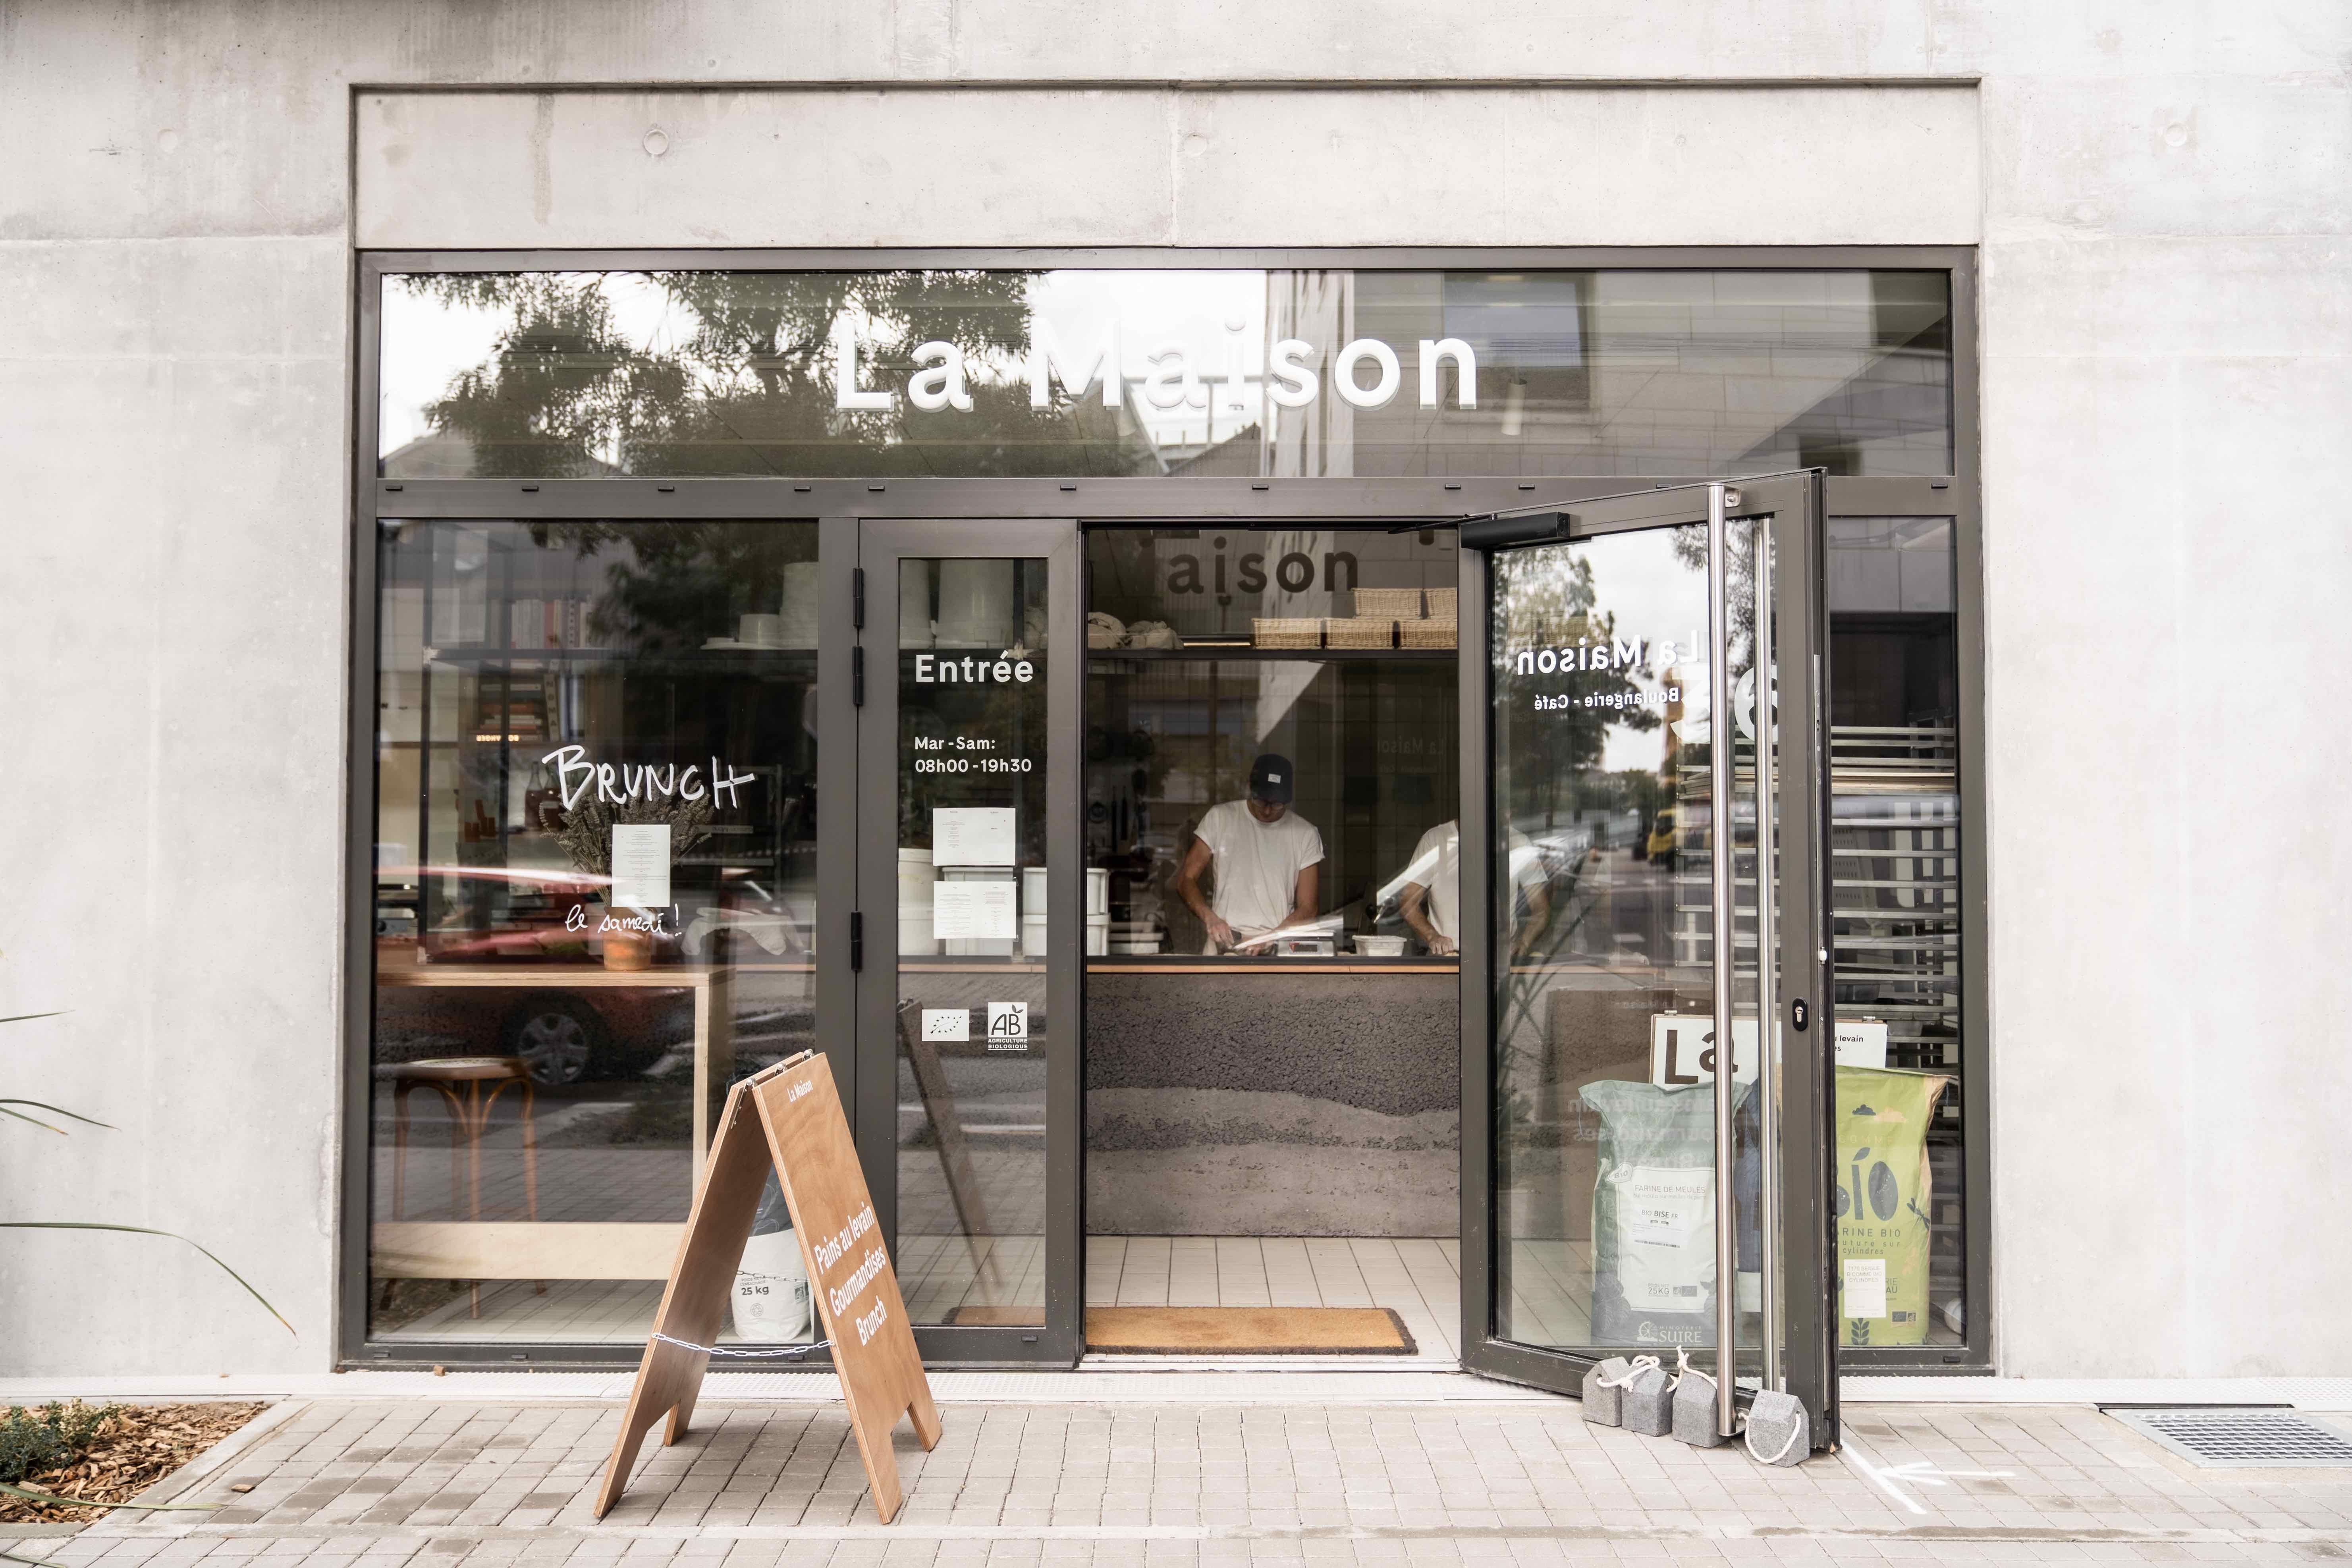 Galerie d'image - La Maison Boulangerie - Café